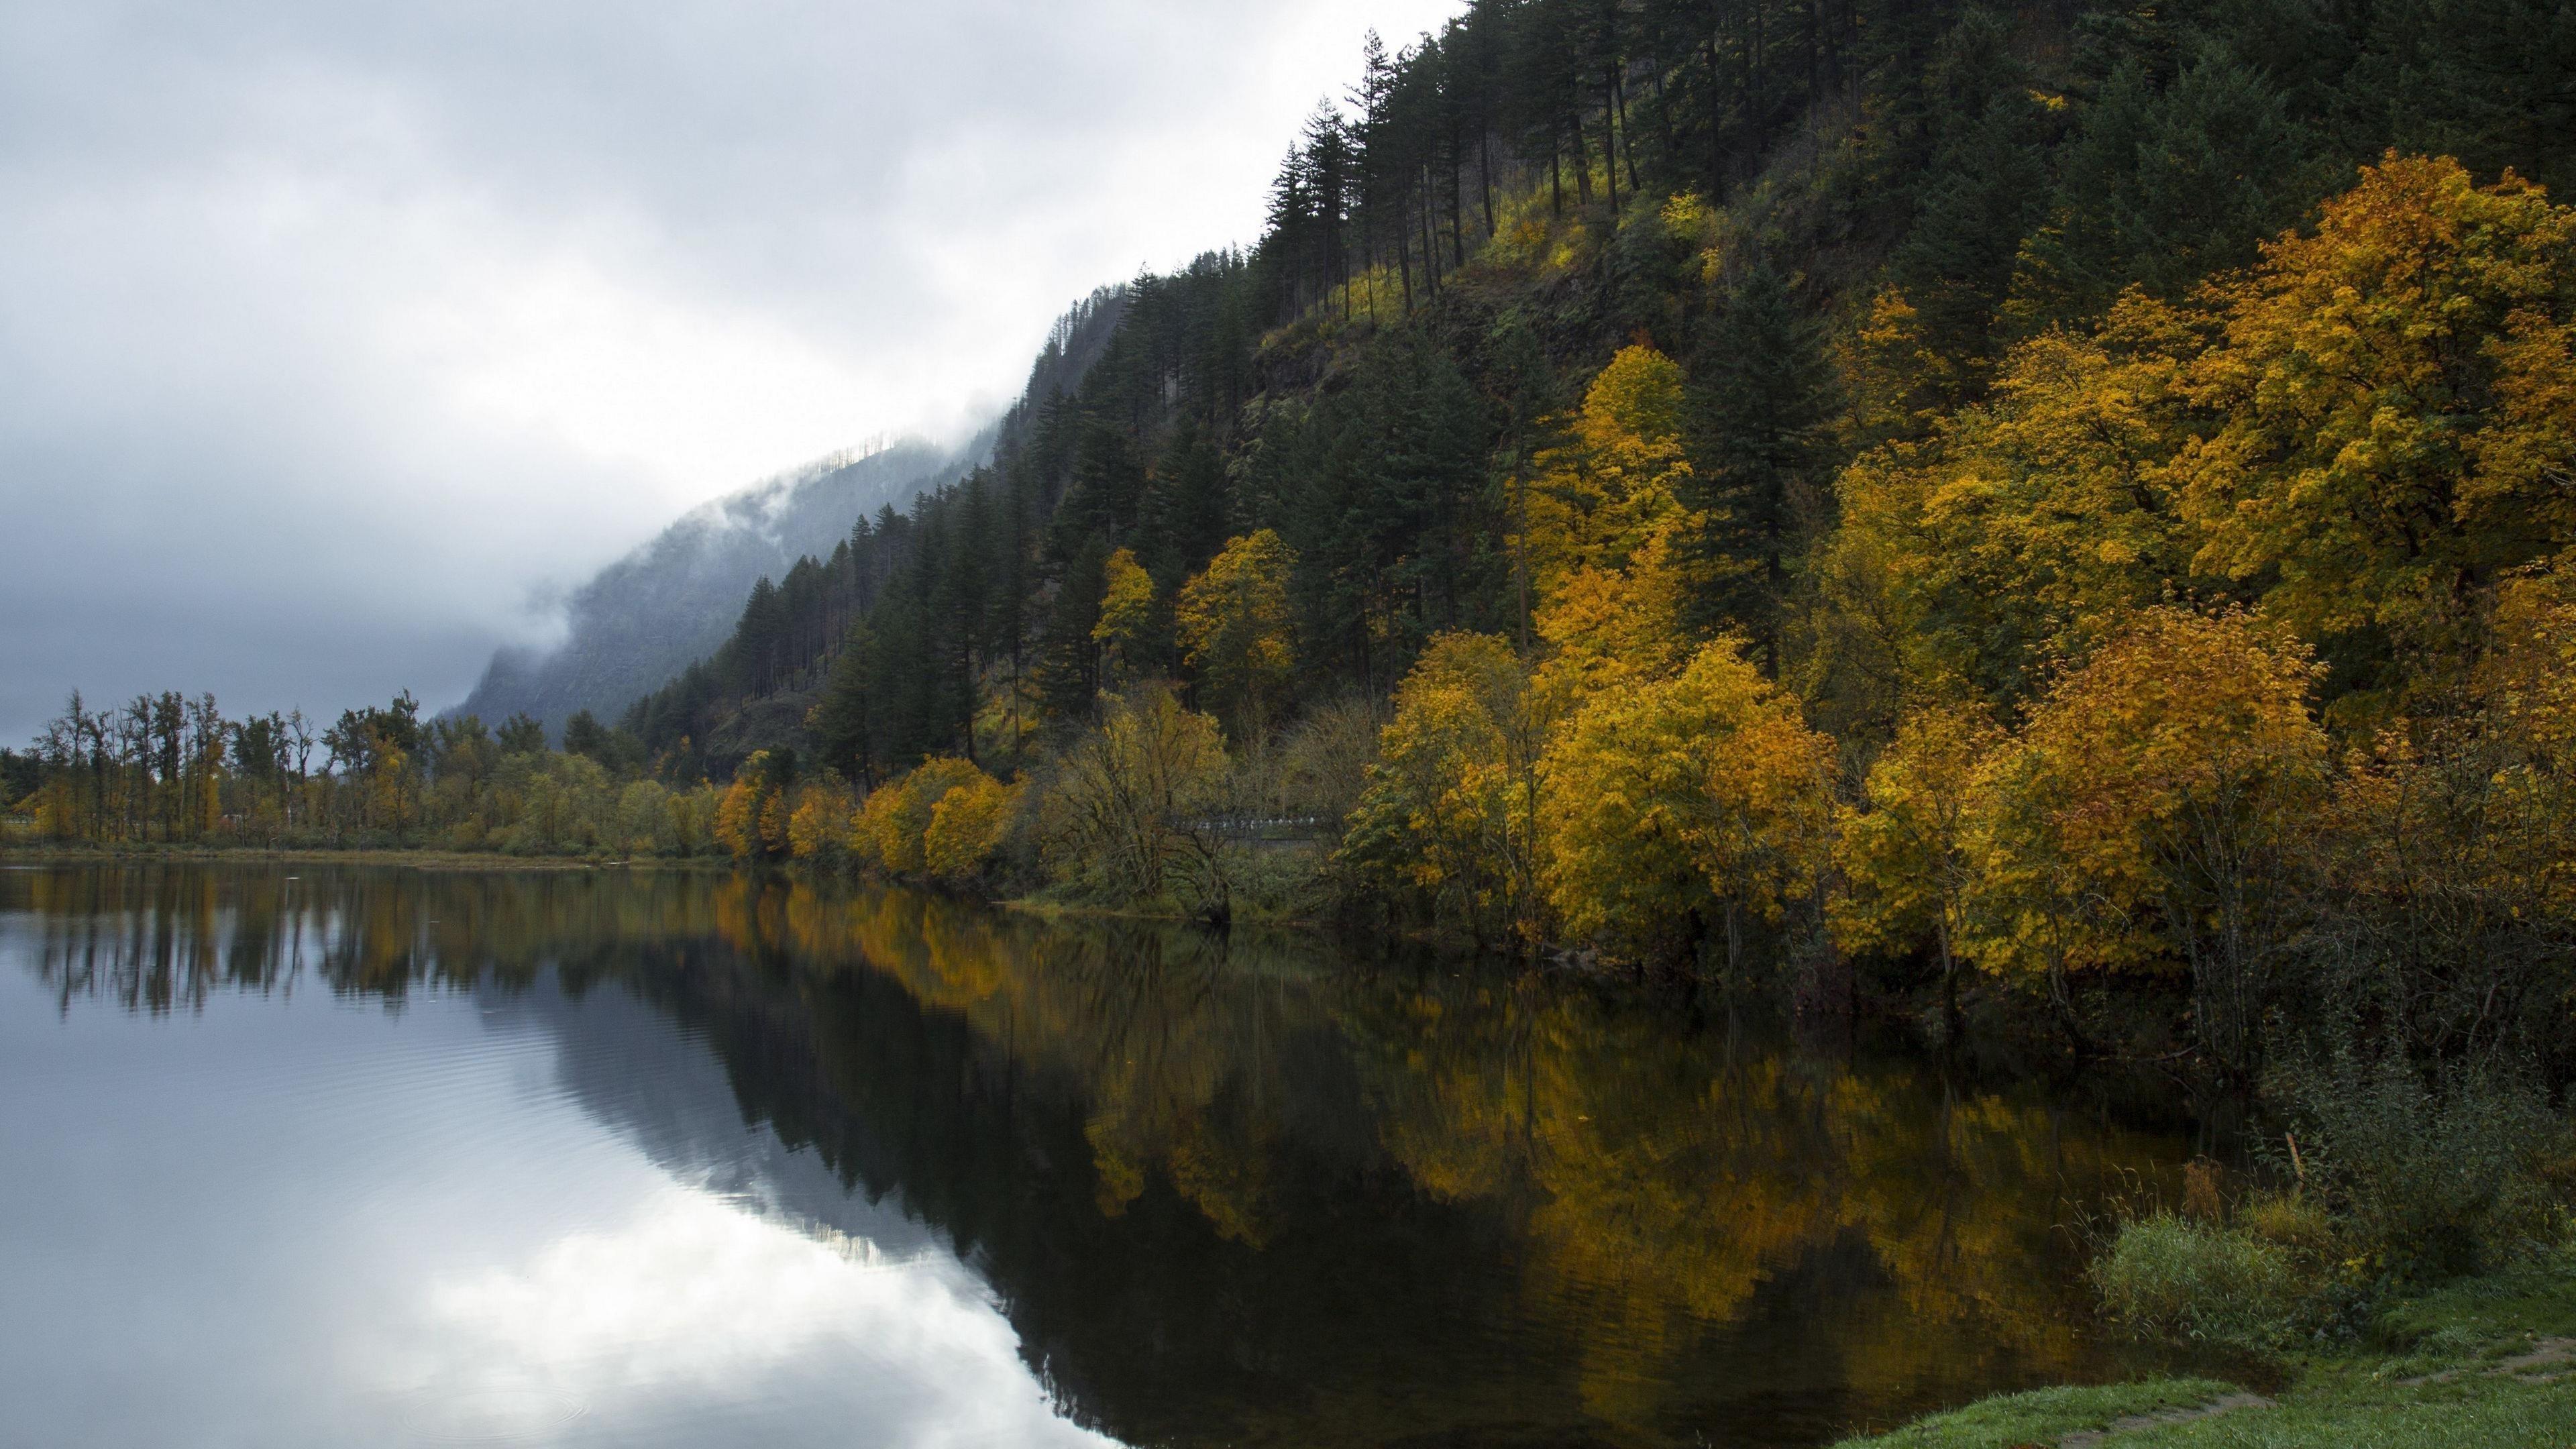 Покрытые зеленью горы озеро отражение природа обои скачать